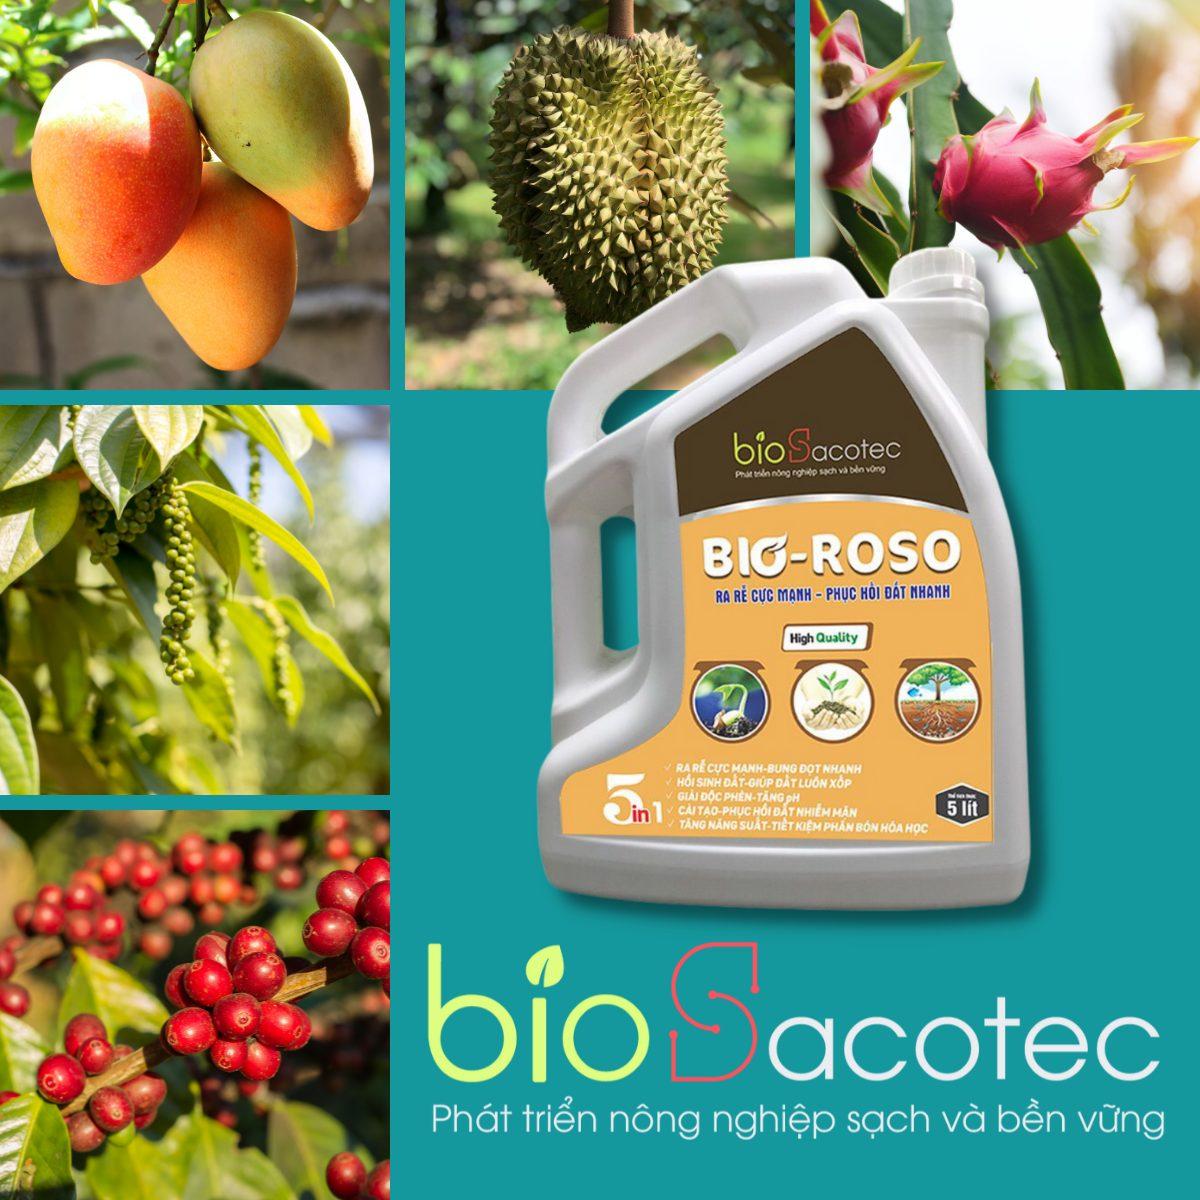 Can tưới gốc sinh học Bio Roso - ra rễ mạnh, bung đọt nhanh, hồi sinh đất, giúp đất luôn xốp, giải độc phèn